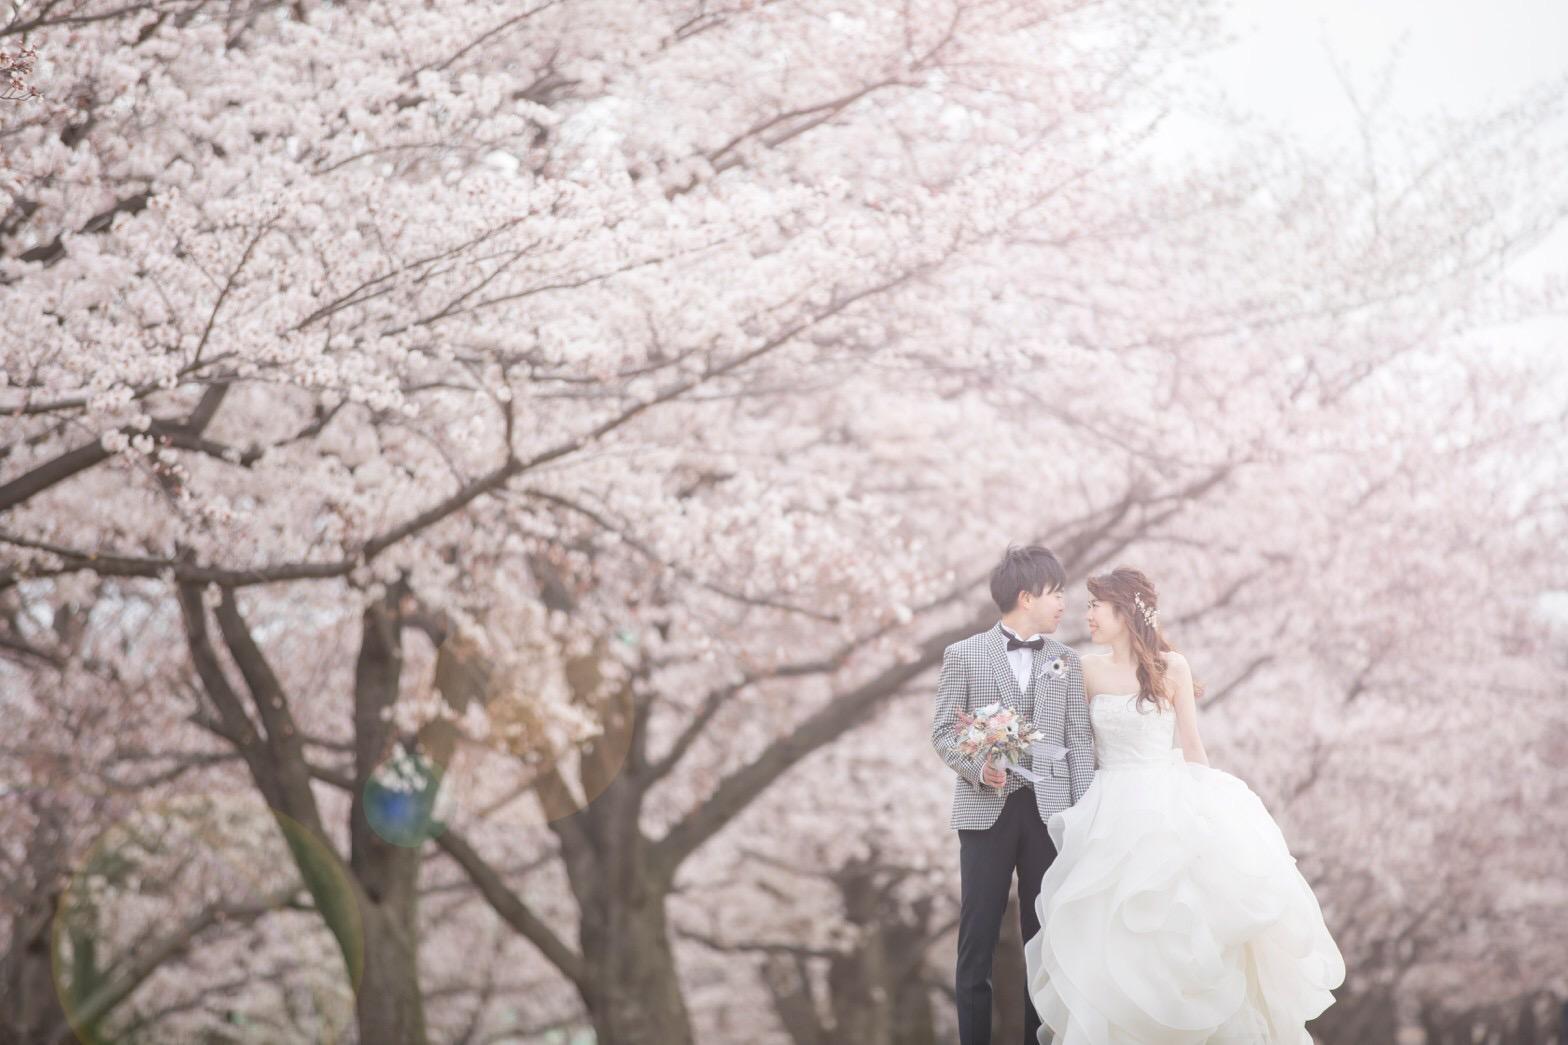 【桜ウェディング】桜満開の素敵なウェディングフォトを撮って頂きました♡_1